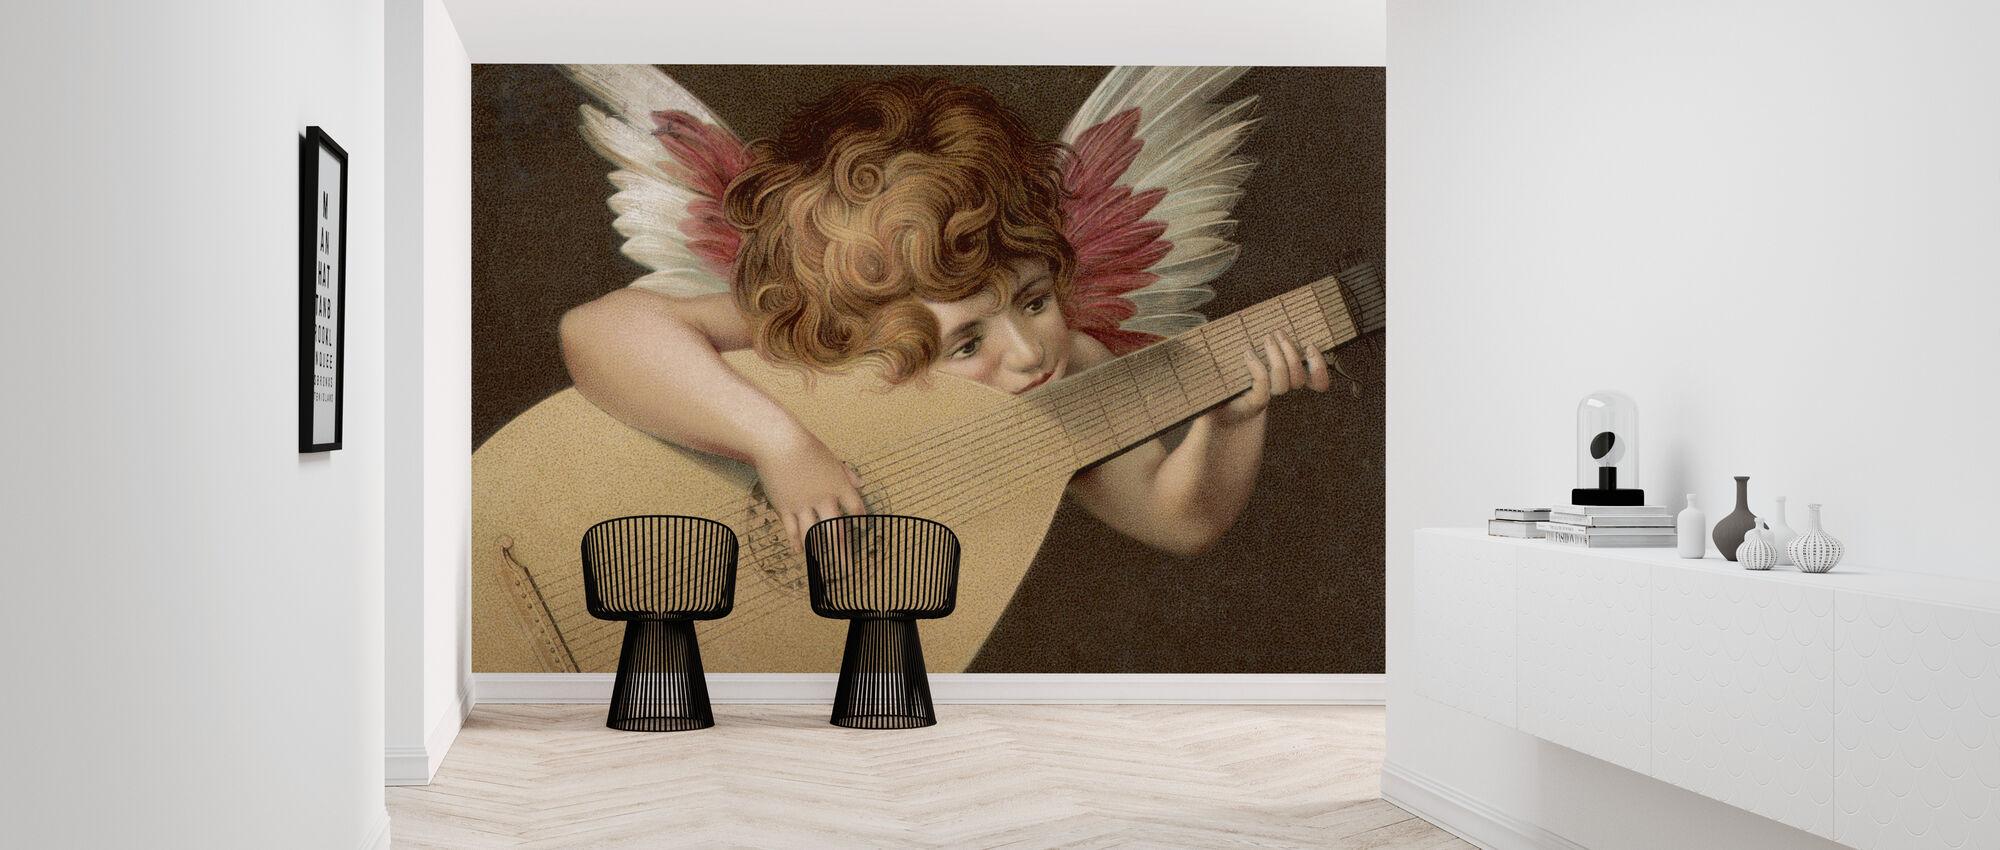 Unknown Artist - Puto Playing Guitar - Wallpaper - Hallway